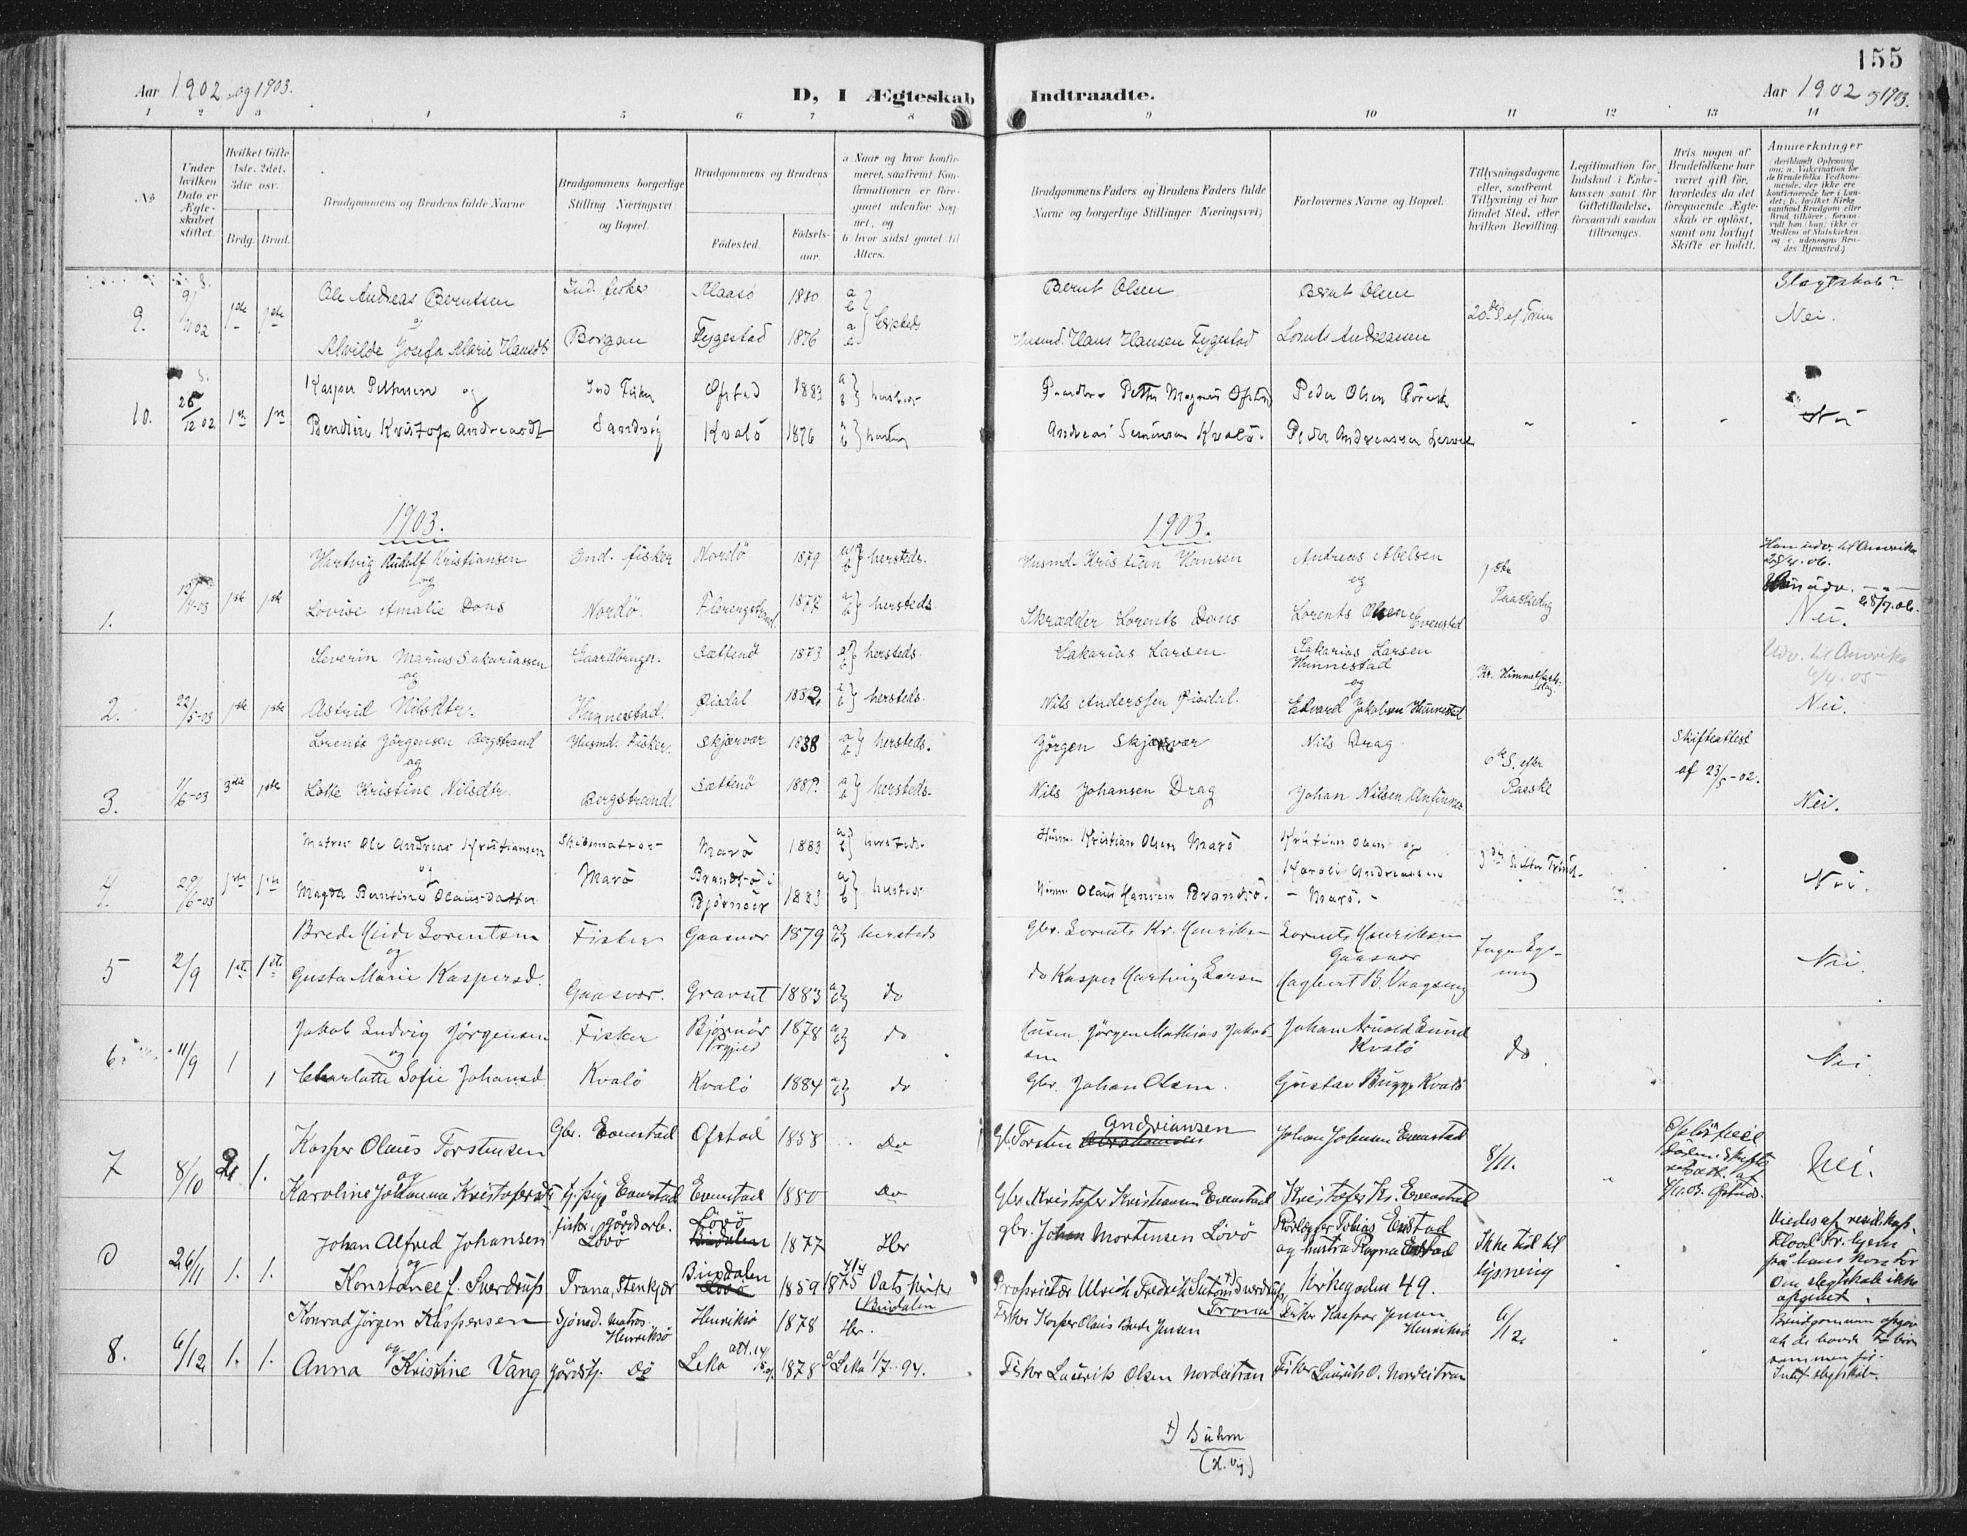 SAT, Ministerialprotokoller, klokkerbøker og fødselsregistre - Nord-Trøndelag, 786/L0688: Ministerialbok nr. 786A04, 1899-1912, s. 155